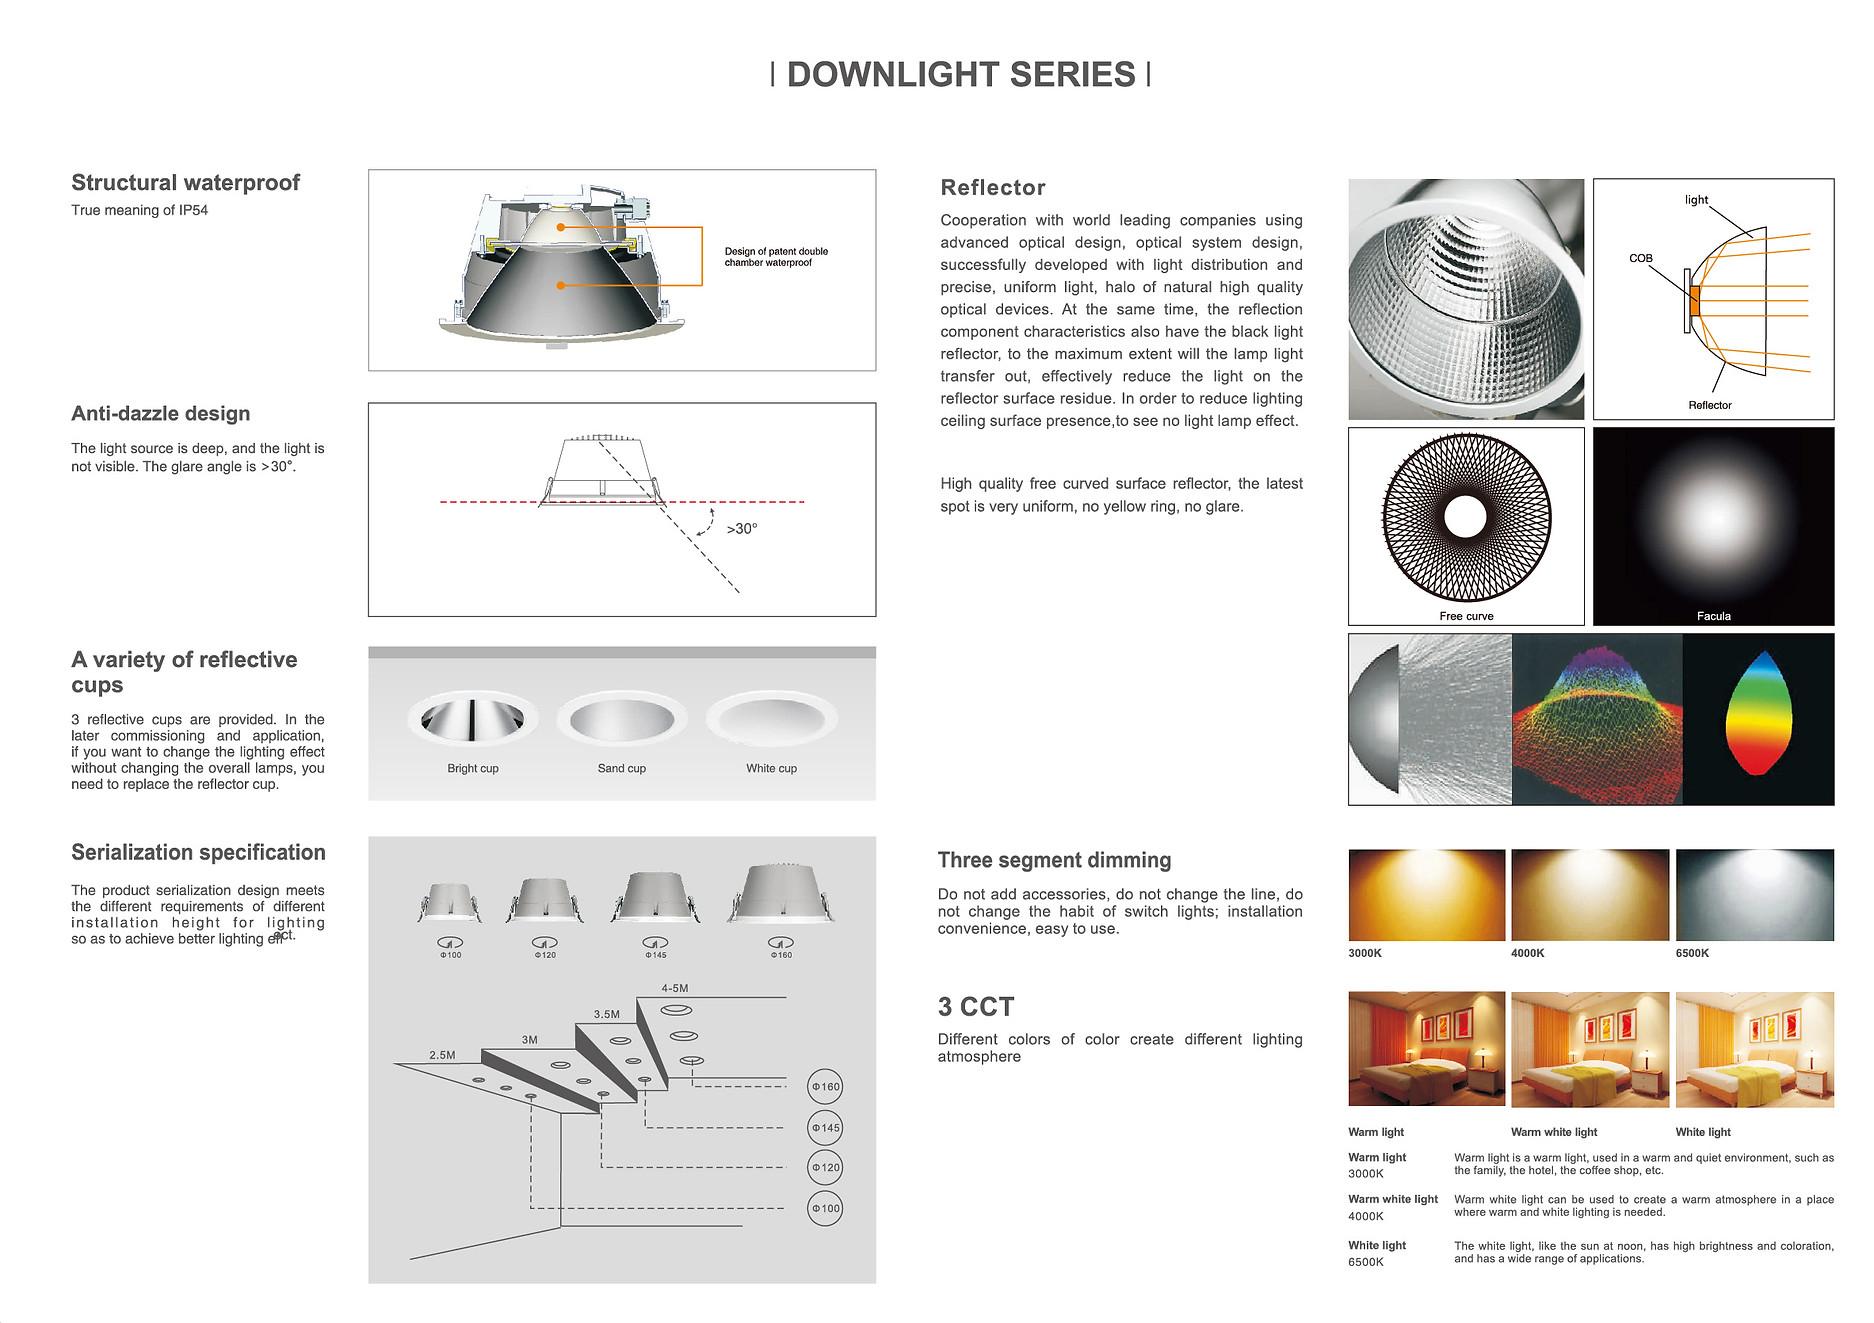 DownLight-01.jpg